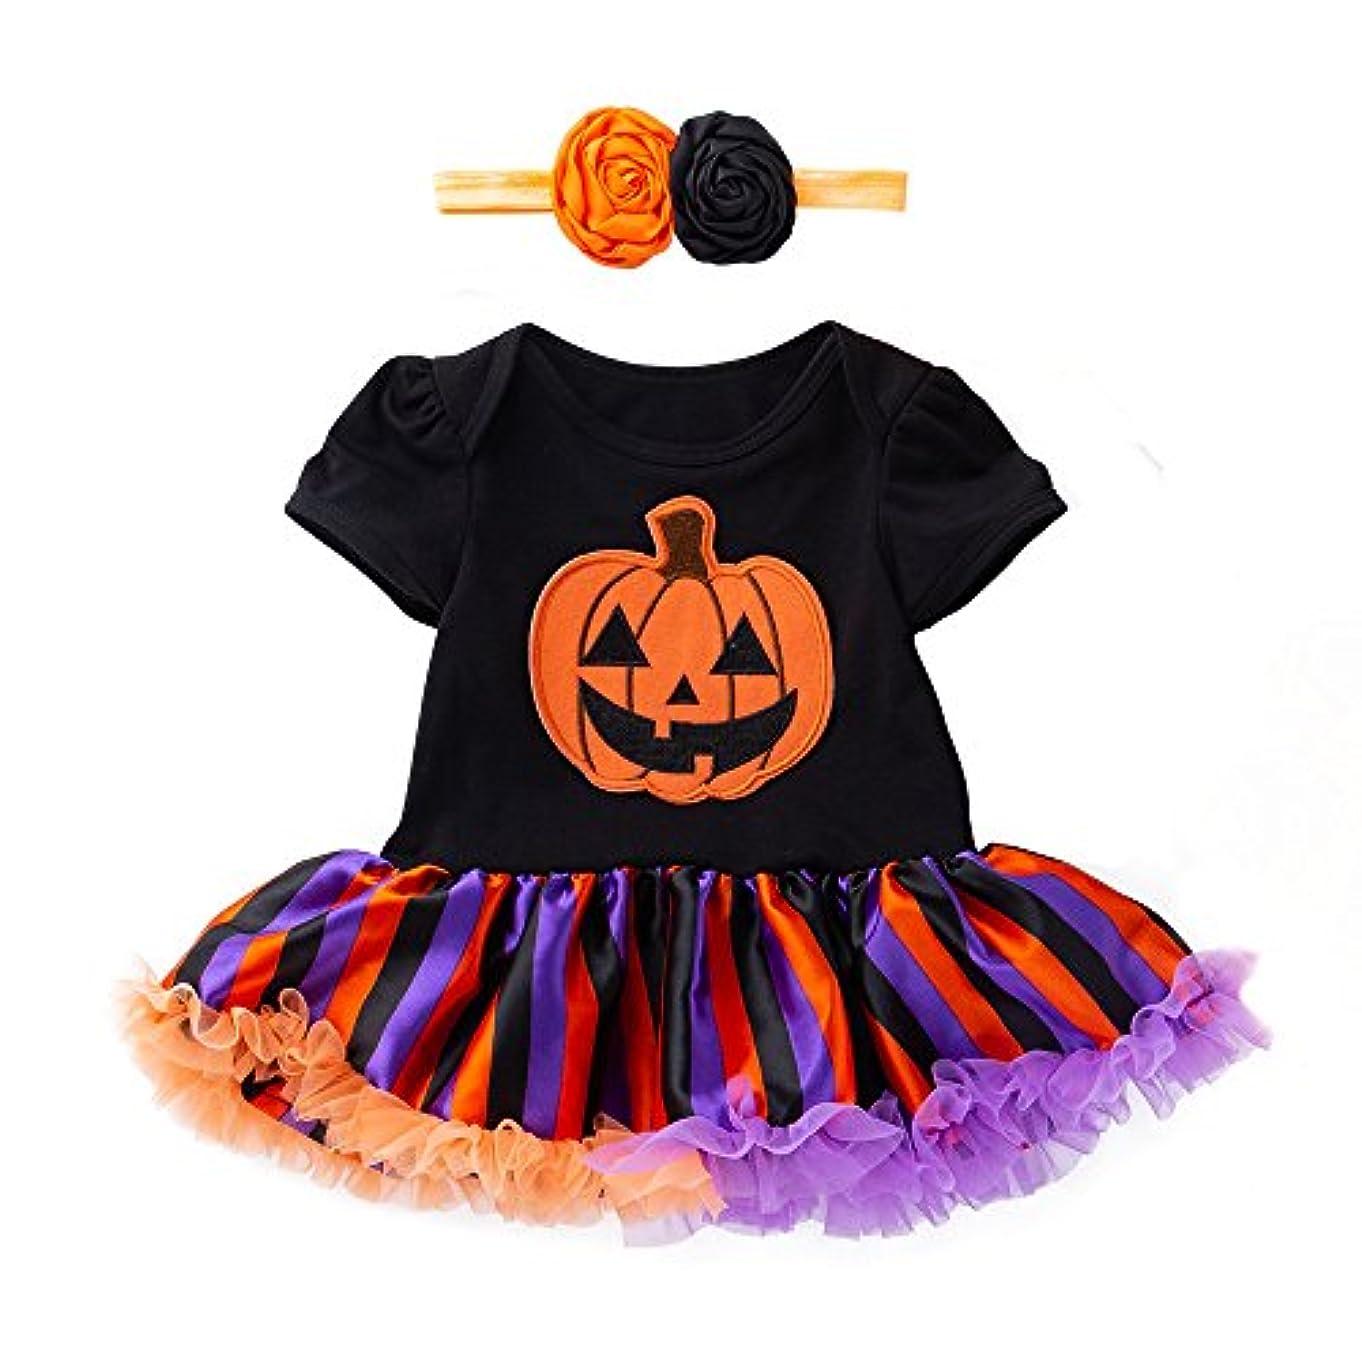 許可するバーゲン倫理(プタス) Putars 幼児の女の子かわいいパンプキンの弓のドレス+ヘッドバンドハロウィーンの装飾の服 3ヶ月 - 18ヶ月